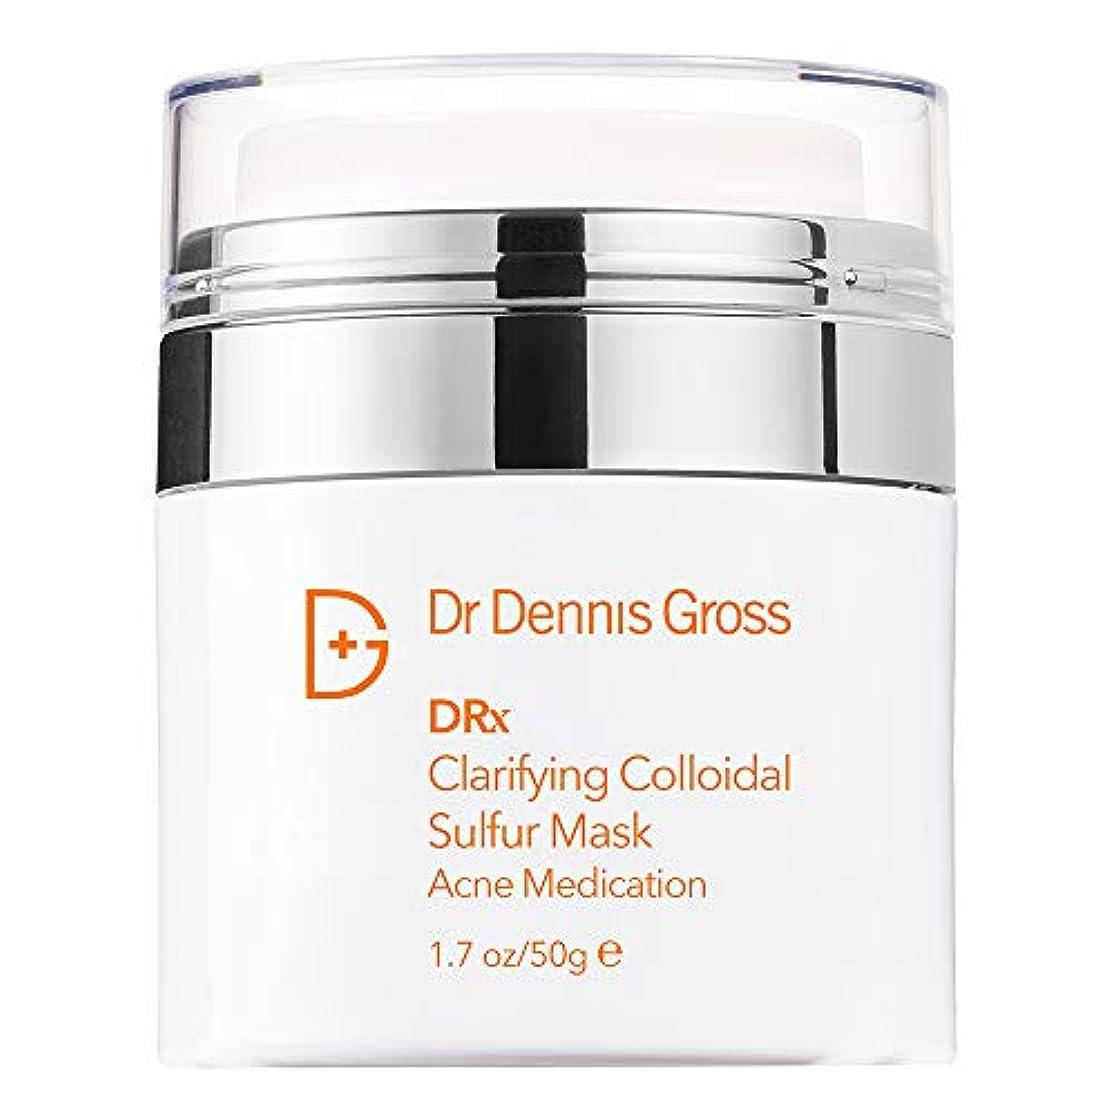 ファンアクセサリー入植者ドクターデニスグロス DRx Clarifying Colloidal Sulfur Mask 50g/1.7oz並行輸入品